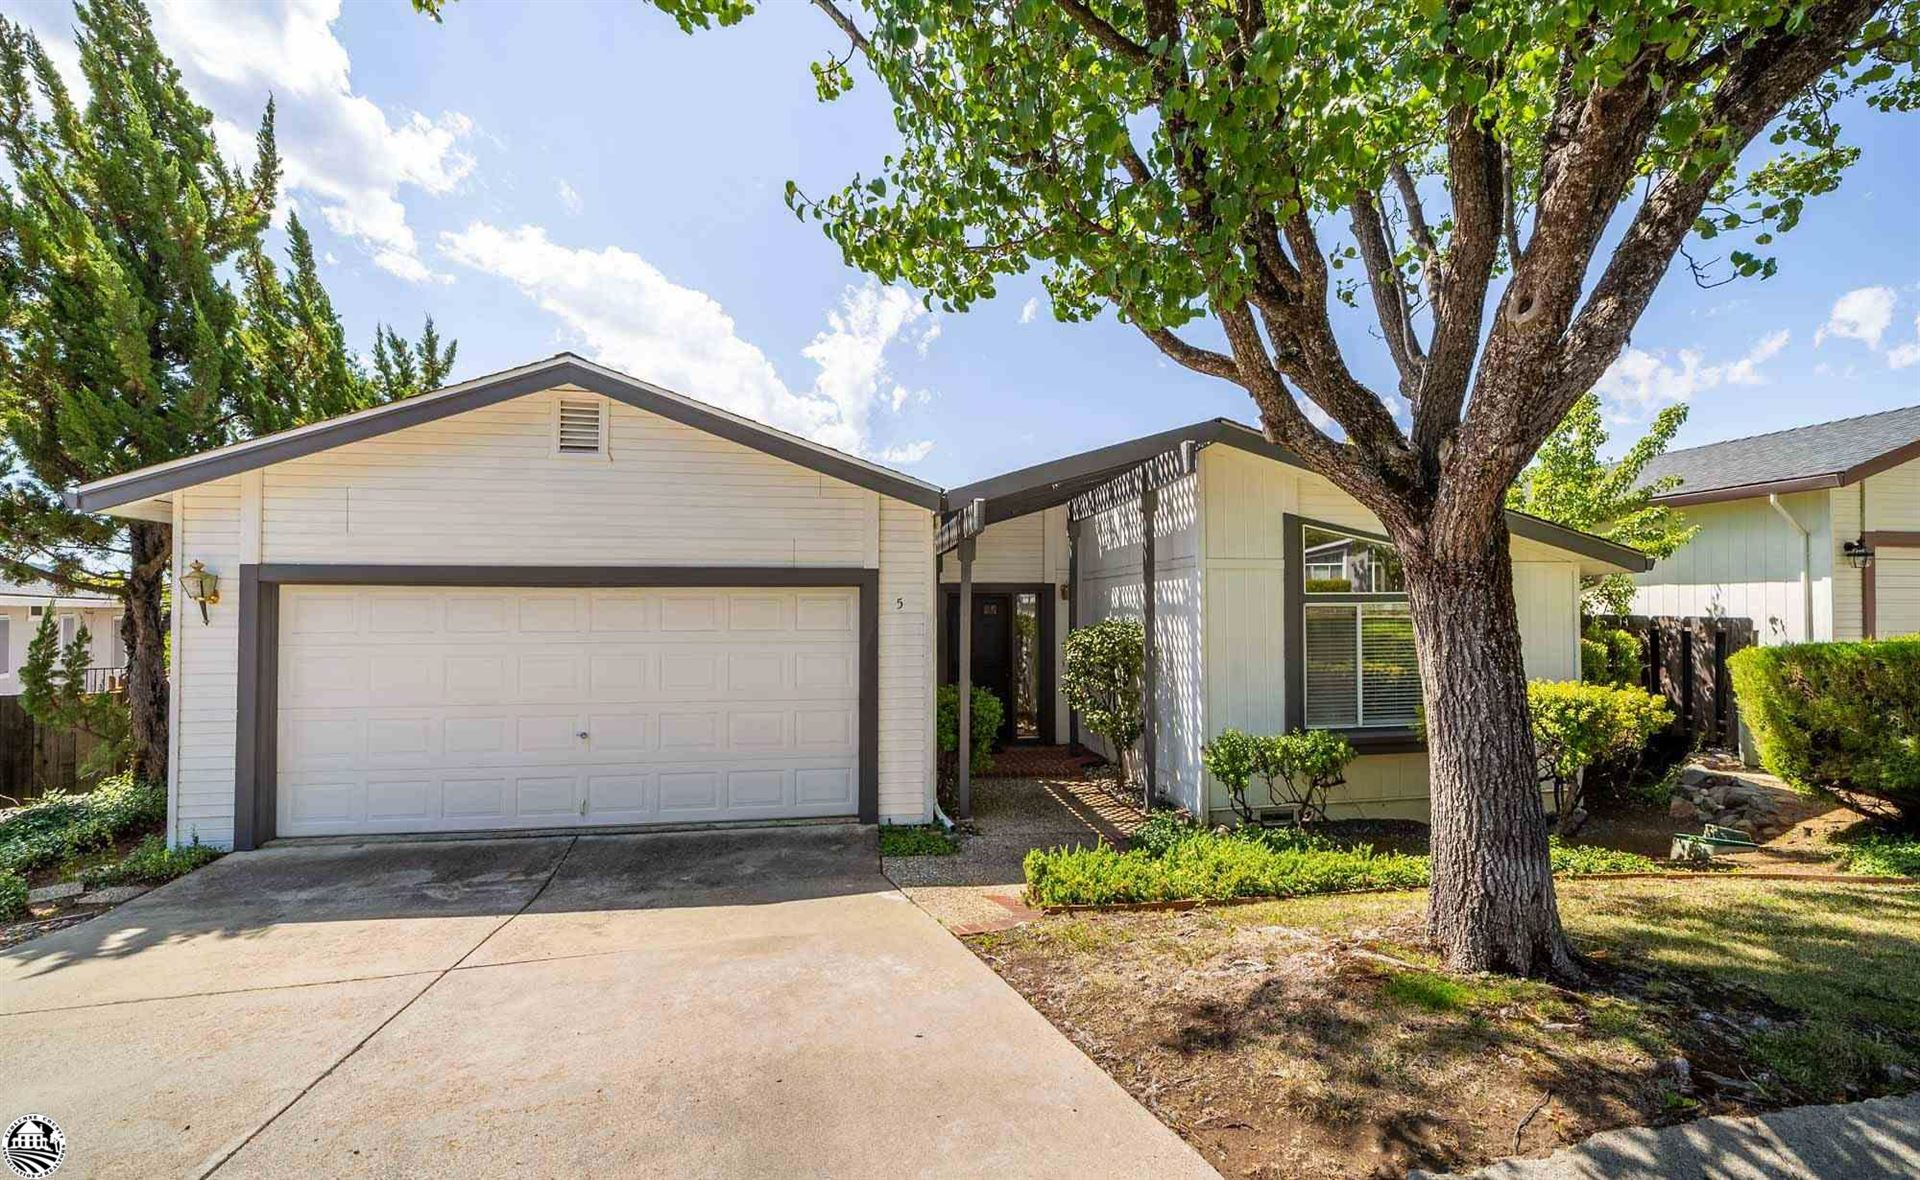 12660 Red Chestnut #5, Sonora, CA 95370 - MLS#: 20200814